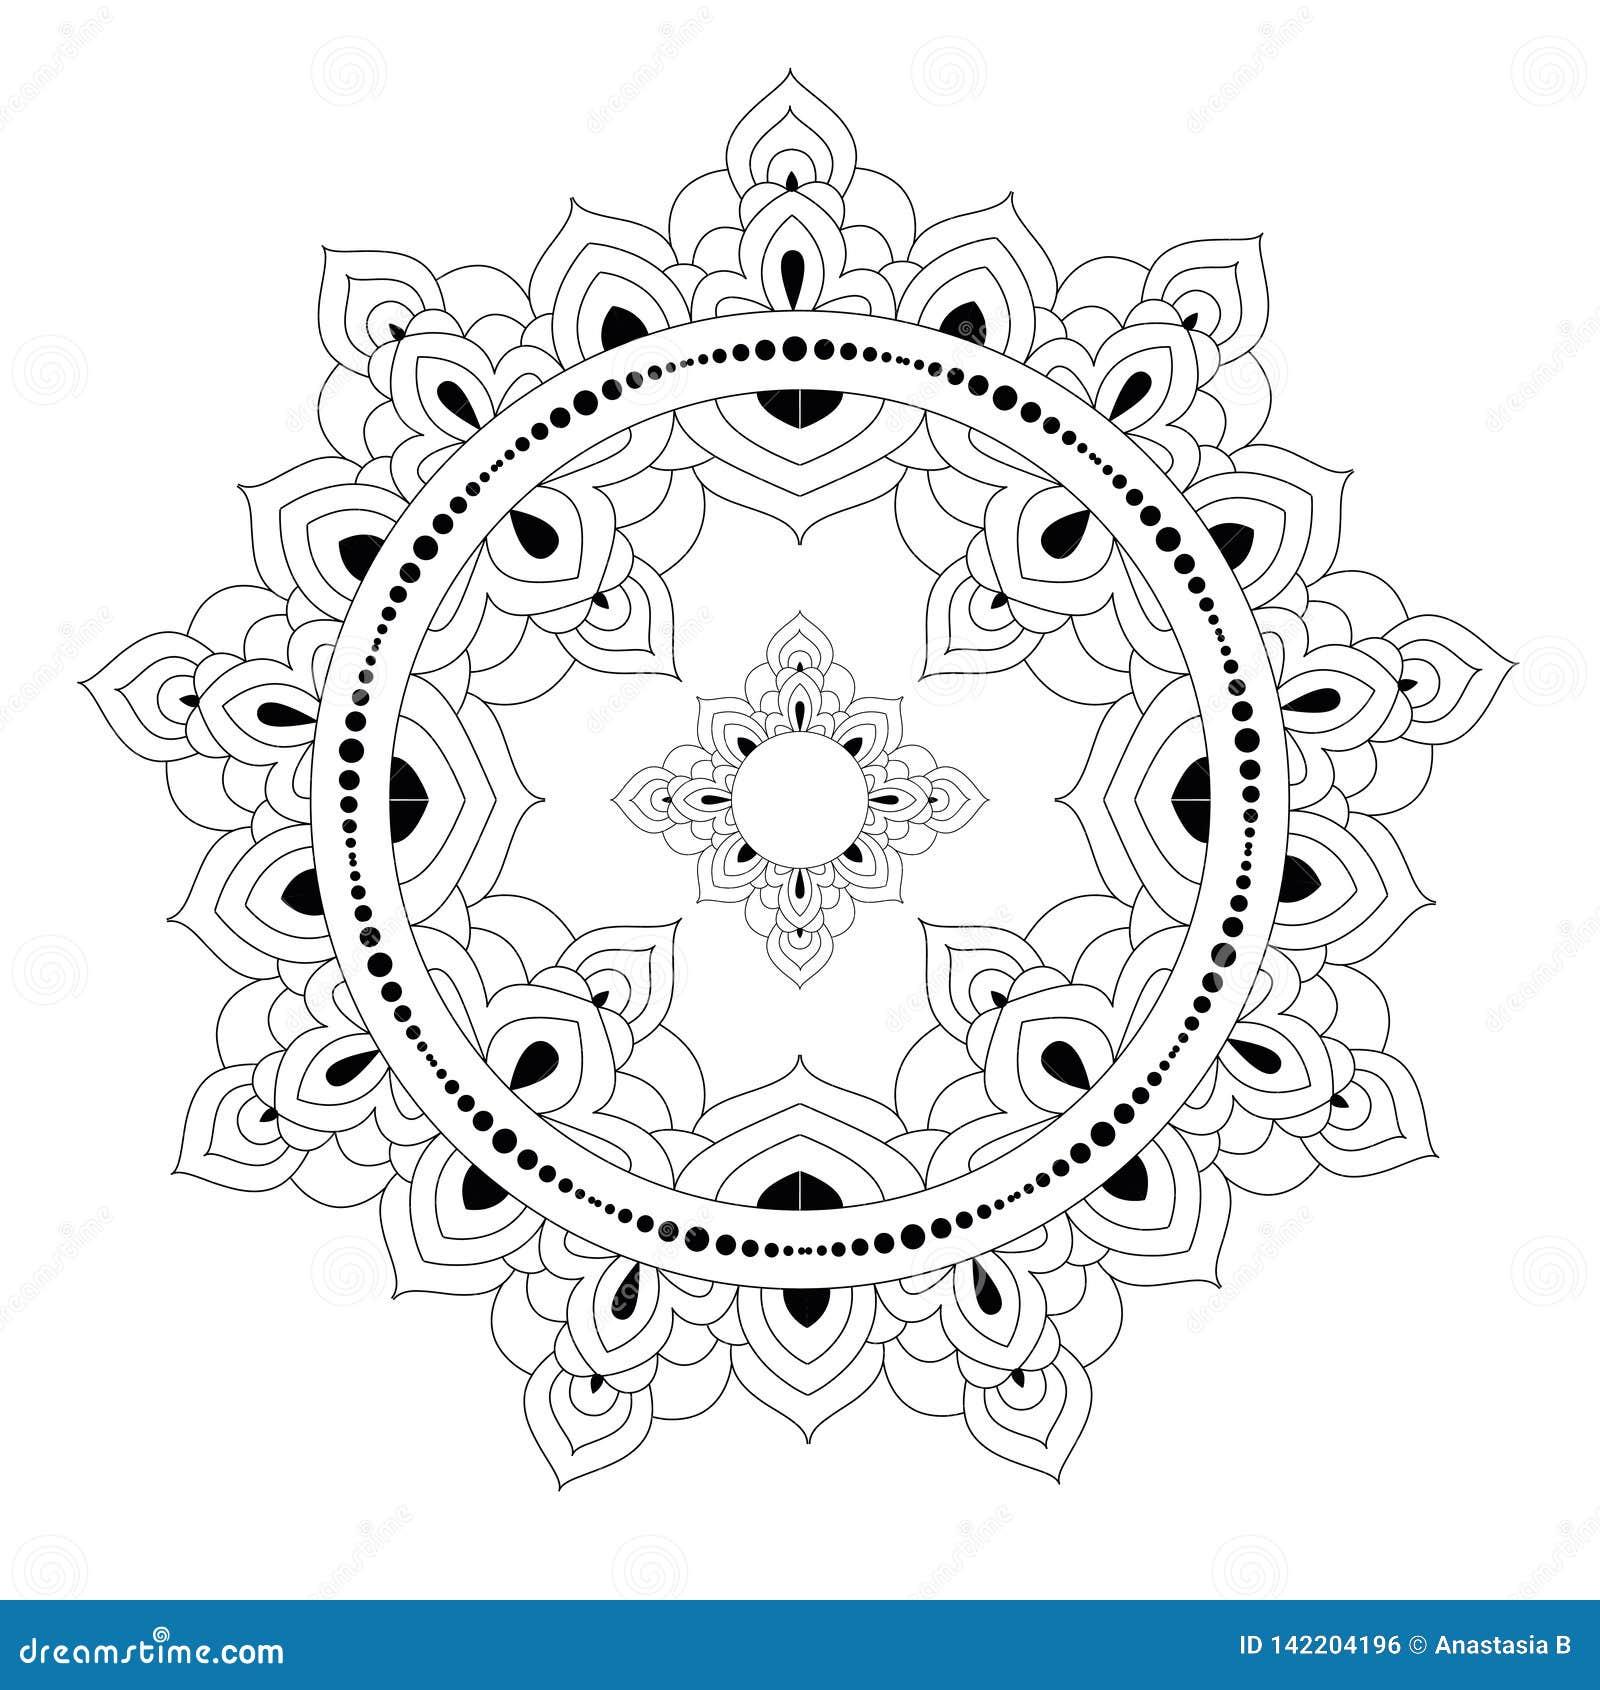 Dekoratives ethnisches Mandalamuster Anti-Druckmalbuchseite für Erwachsene Ungewöhnliche Blumenform Orientalischer Vektor